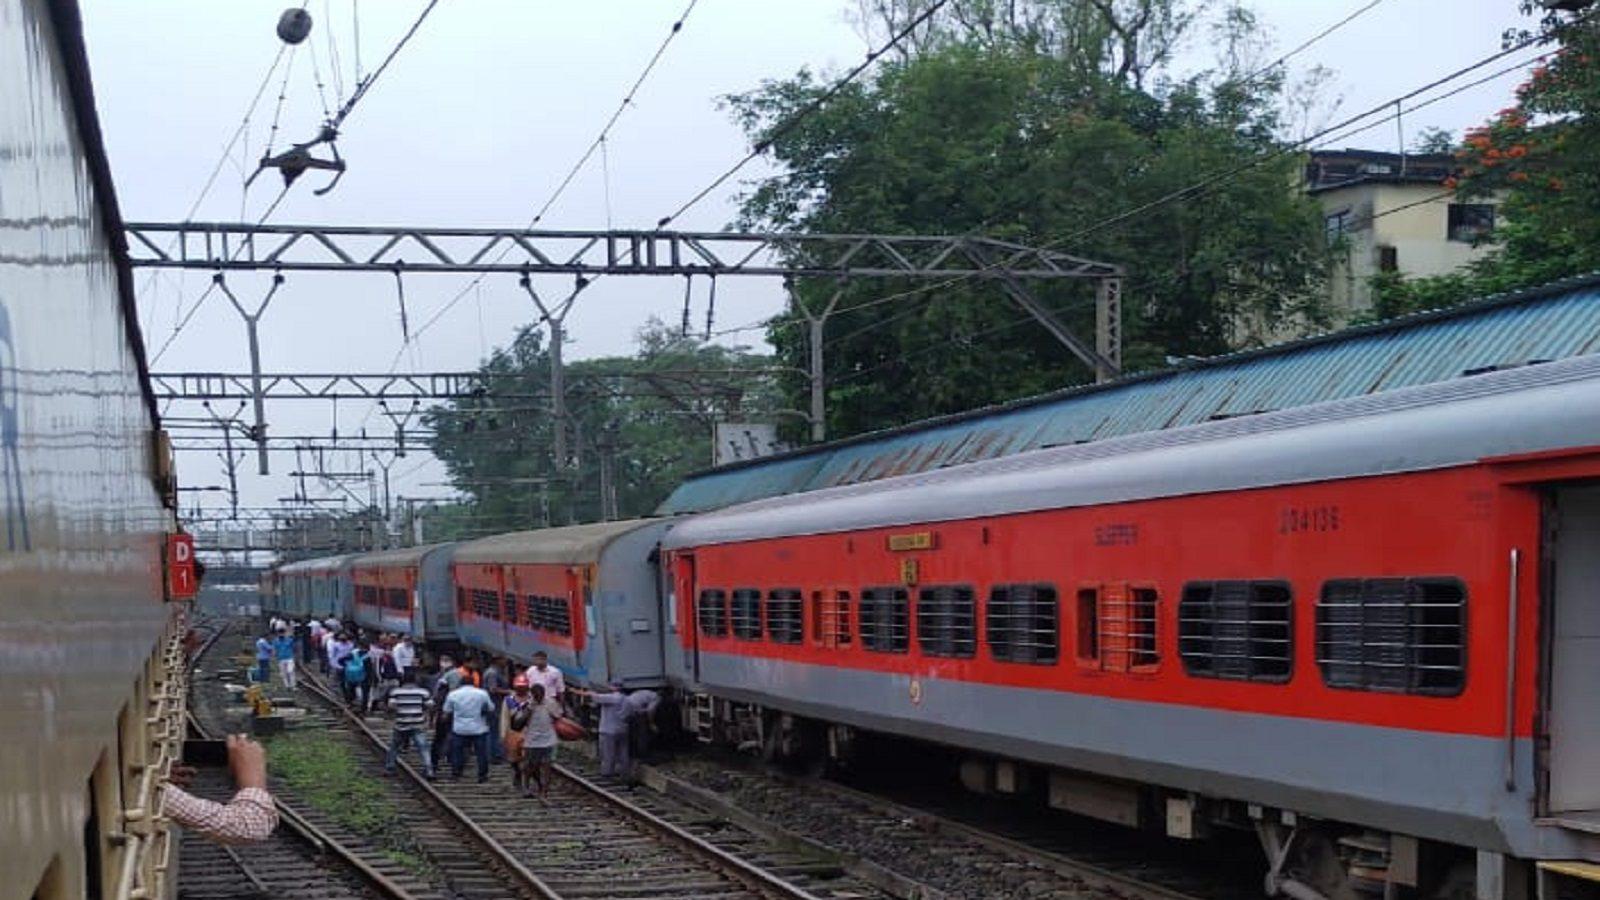 इंदौर-दौंड ट्रेन लोनावला स्टेशन पर पटरी से उतरी, कोई घायल नहीं